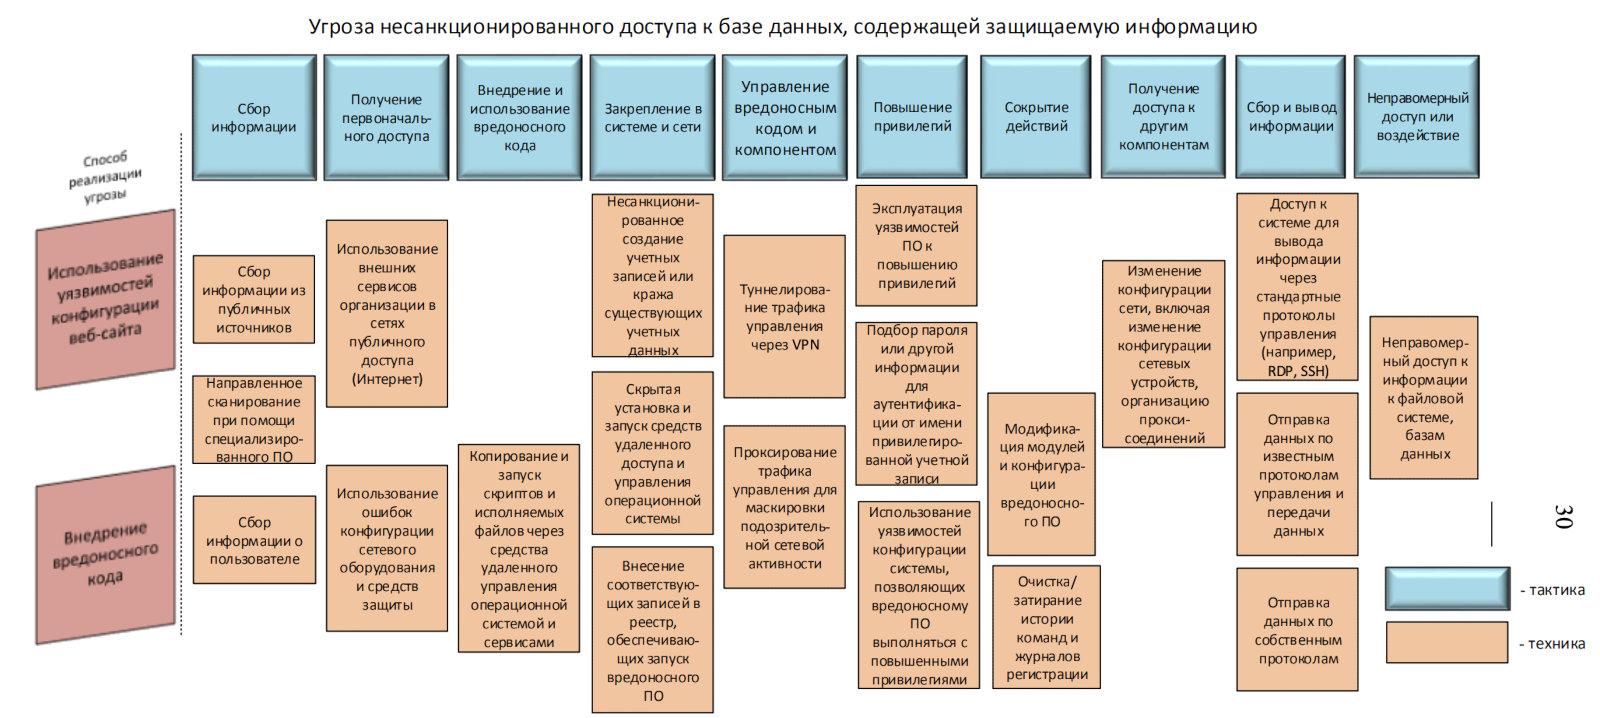 Матрица ATT&CK. Как устроен язык описания угроз и как его используют